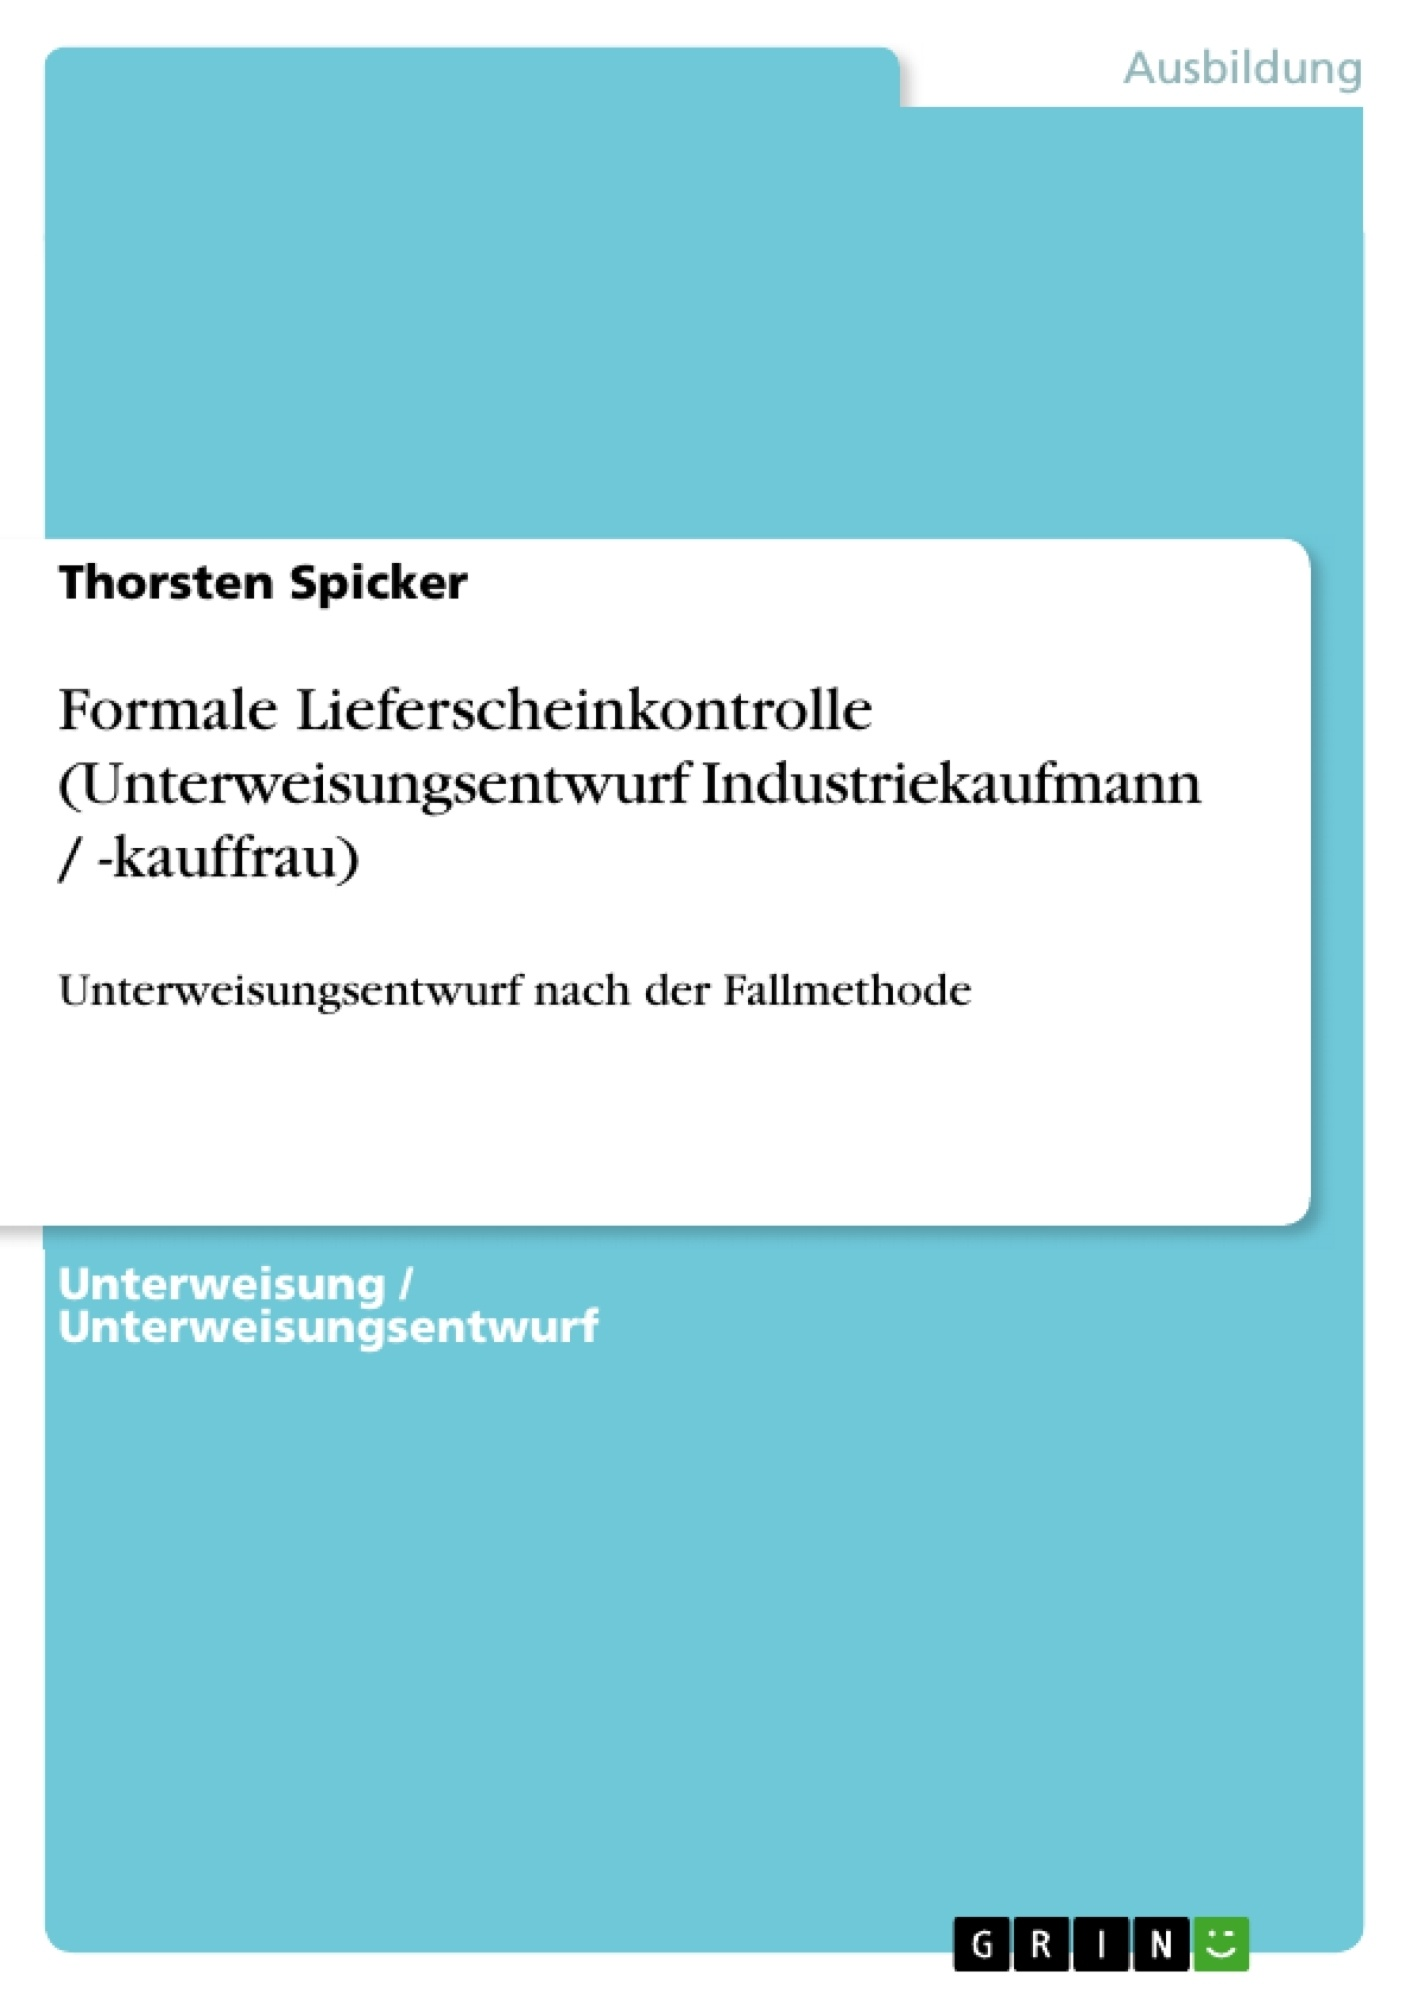 Titel: Formale Lieferscheinkontrolle (Unterweisungsentwurf Industriekaufmann / -kauffrau)